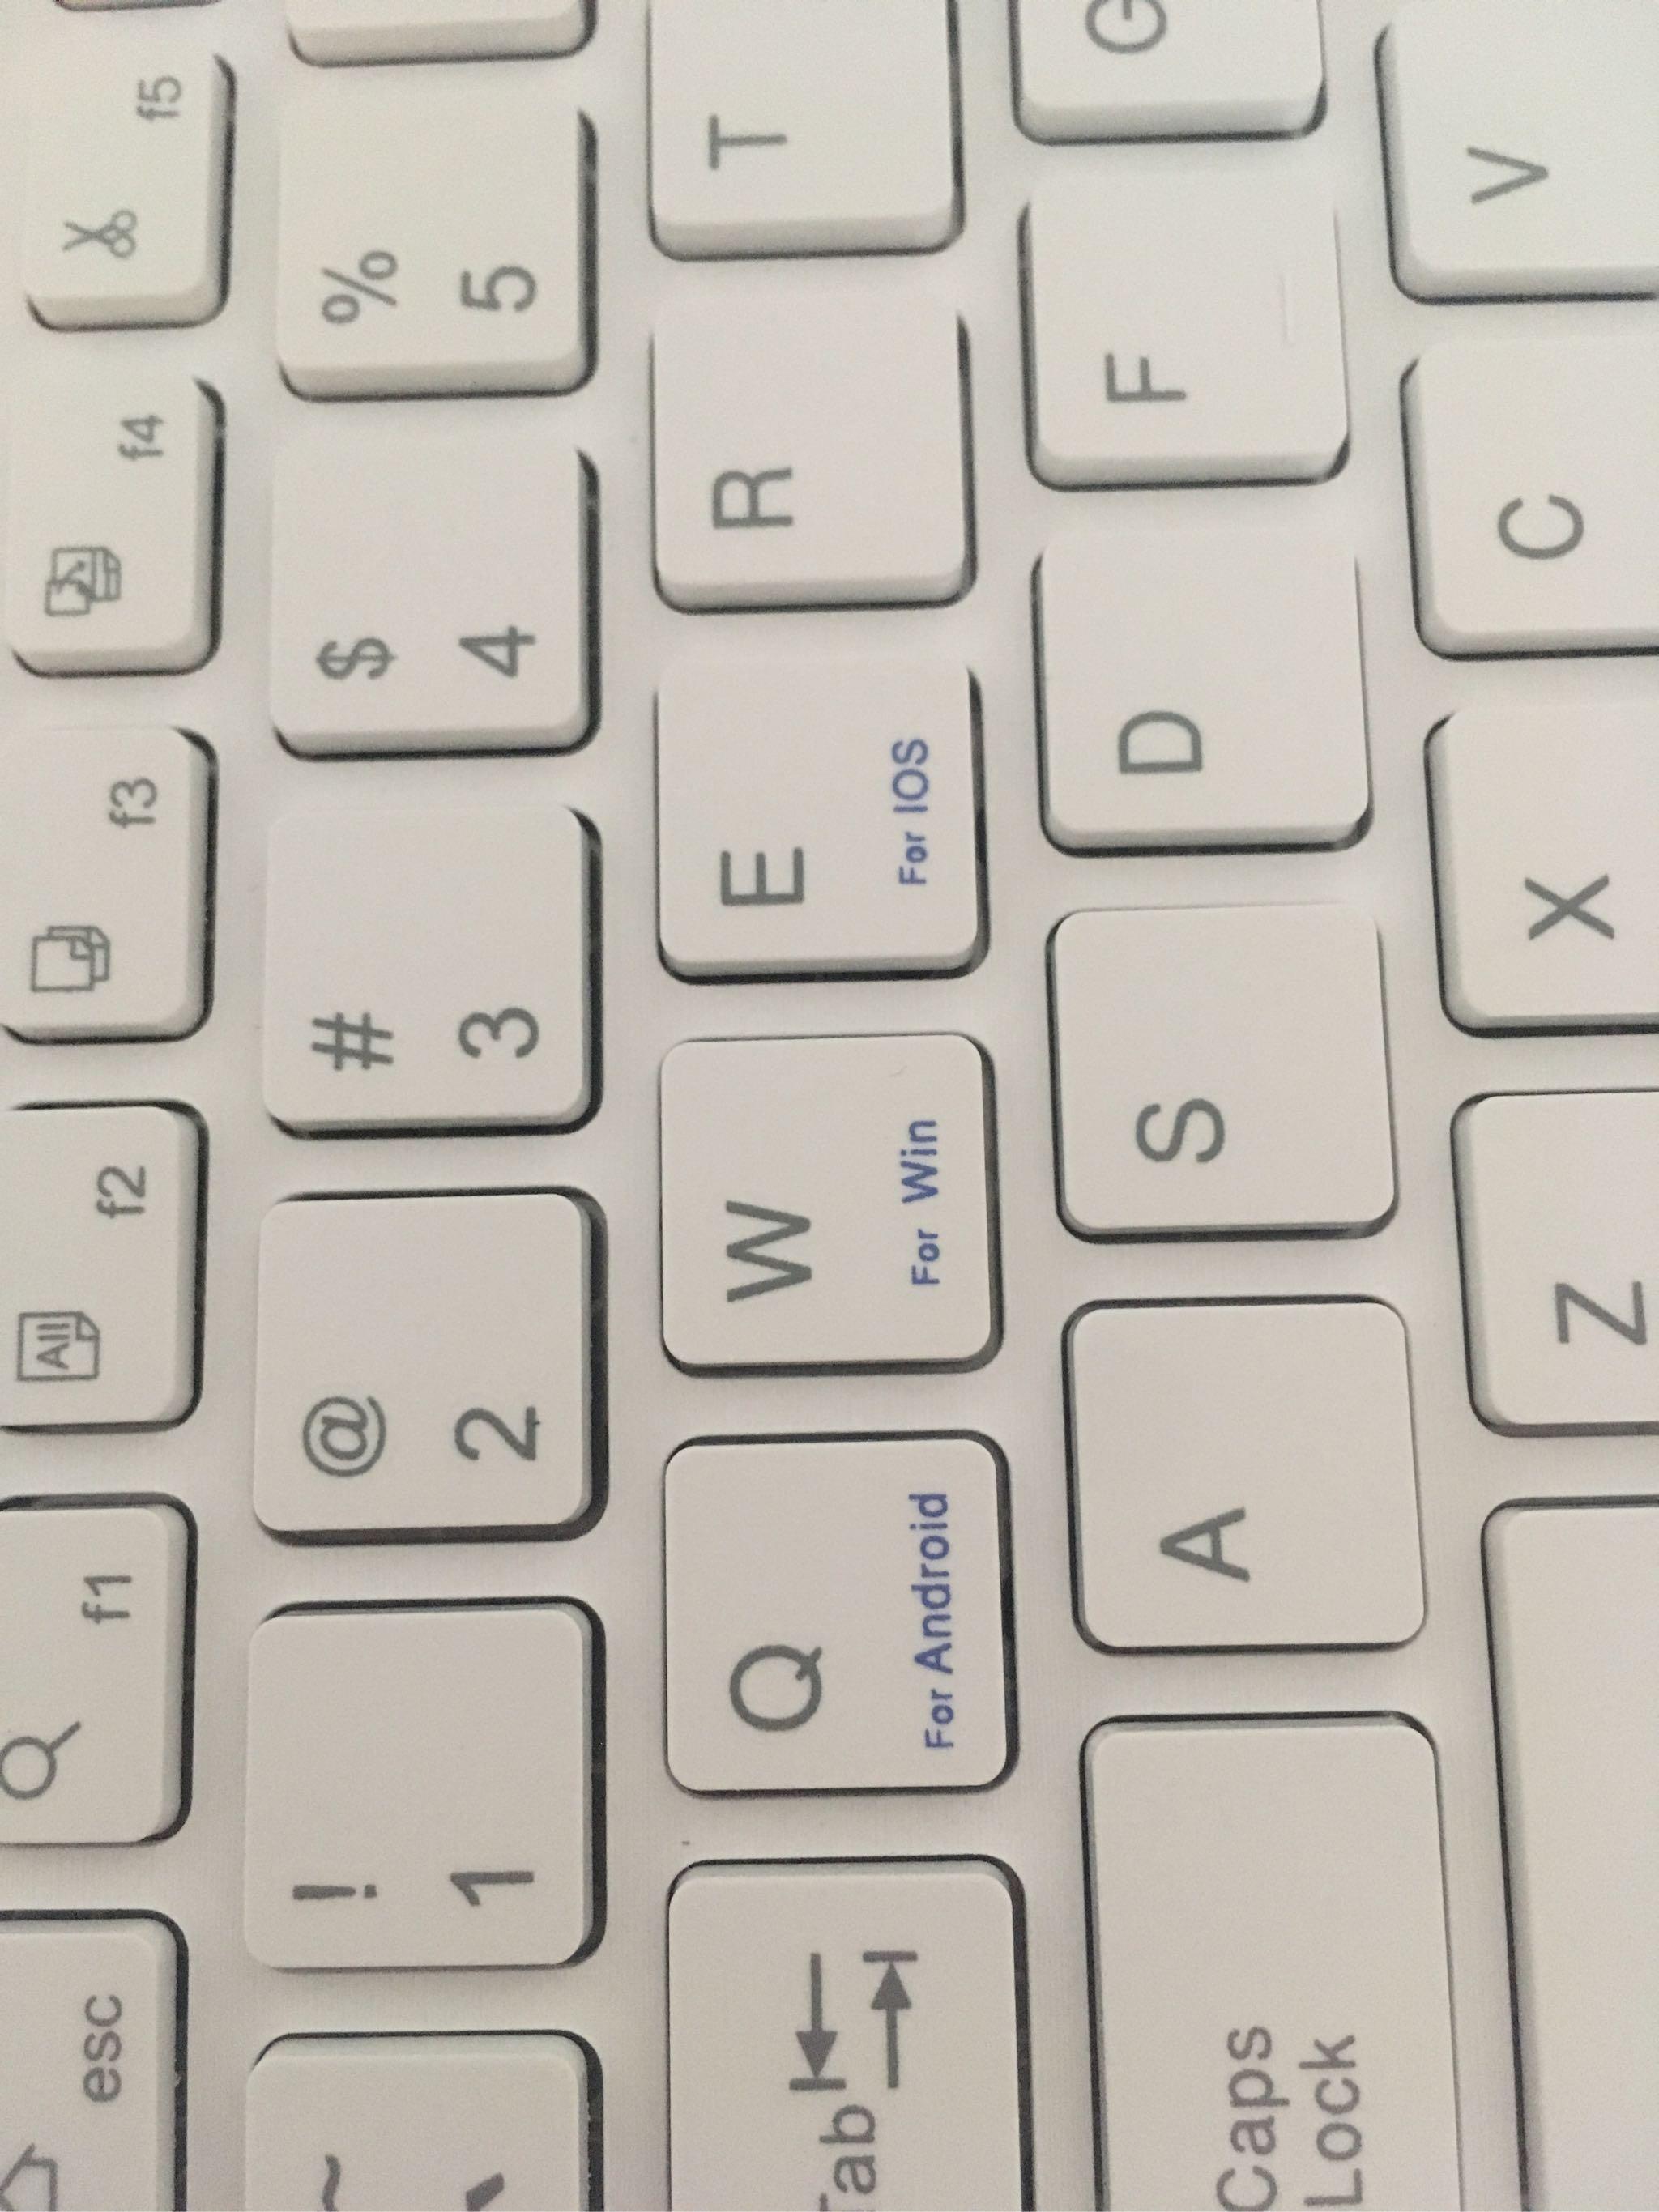 华为m5键盘